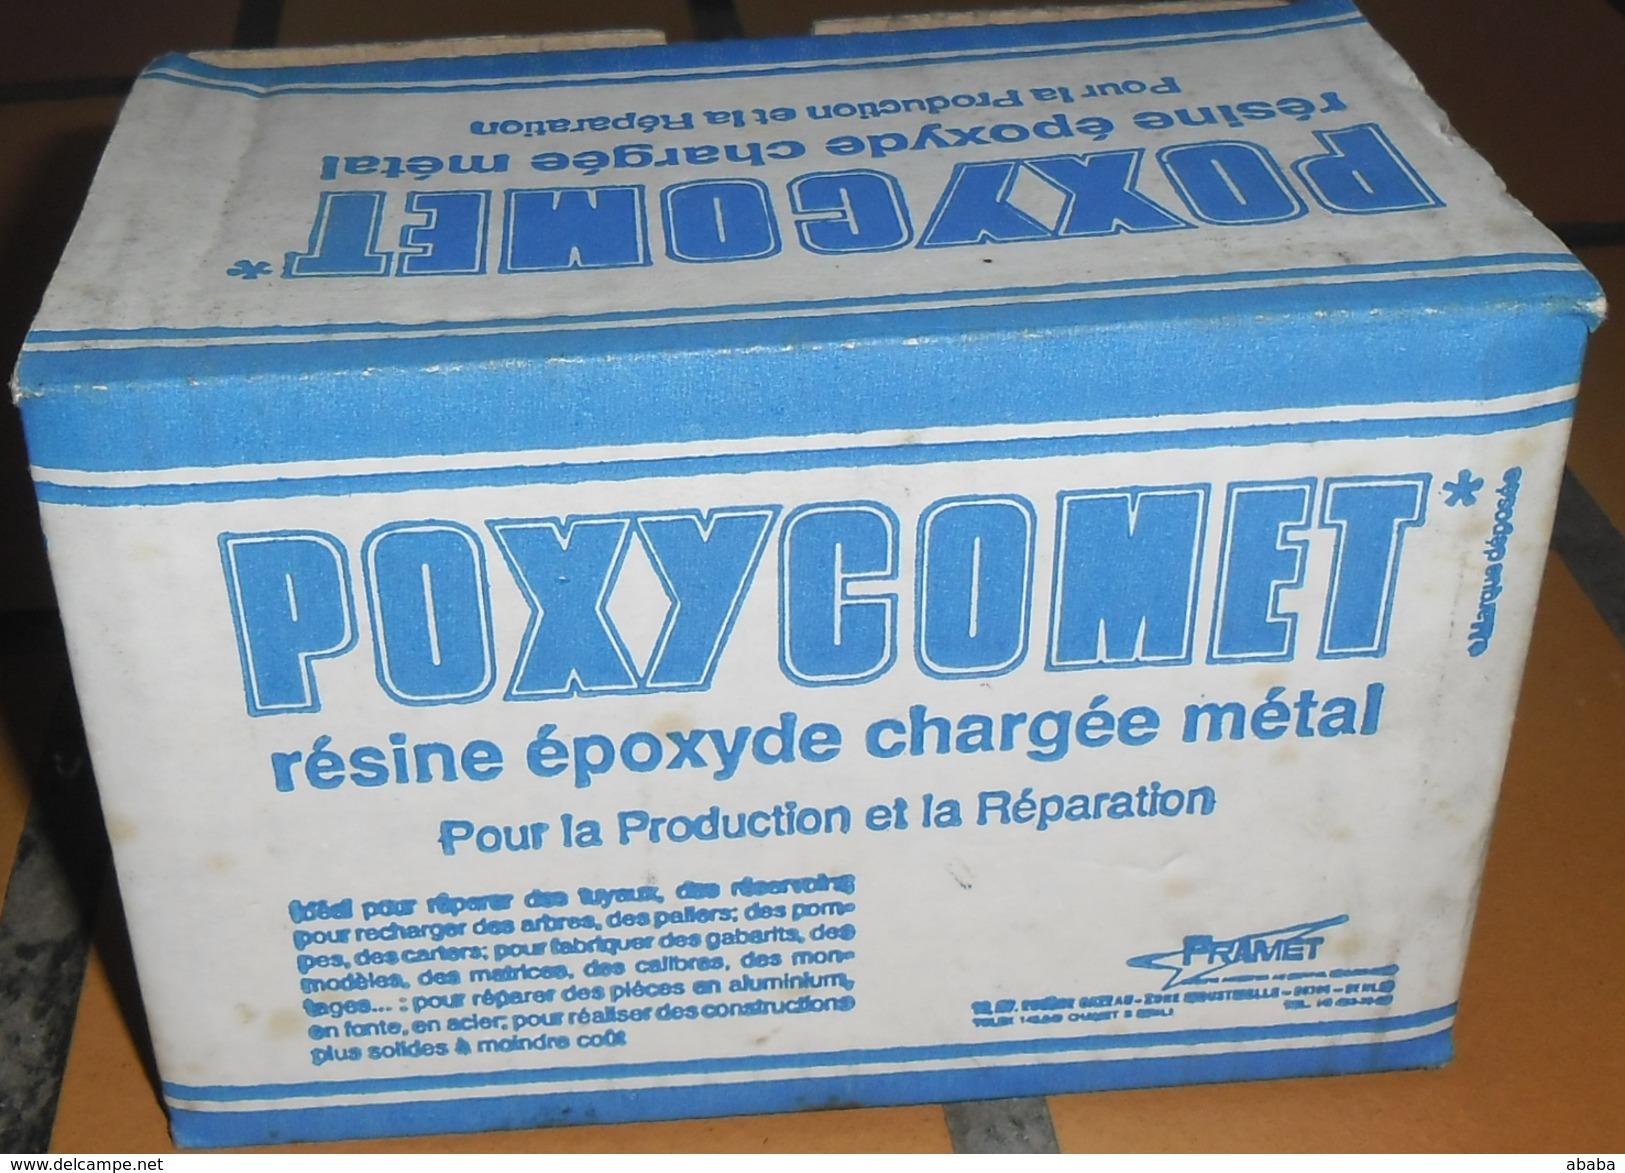 PRODUIT ADHESIF POIXYCOMET RESINE EPOXYDE CAHRGEE DE METAL - Wissenschaft & Technik